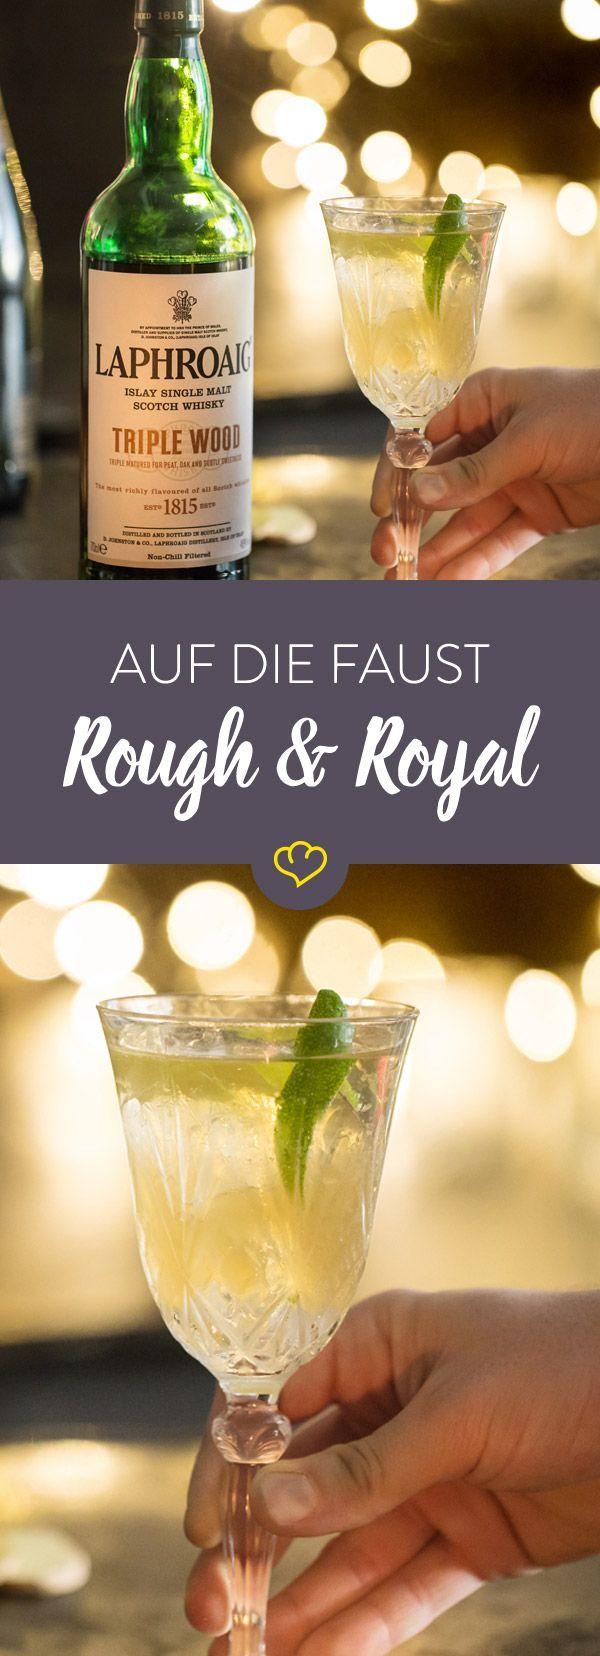 Es gibt immer etwas zu feiern! Wie wäre es mit einem außergewöhnlichen Cocktail aus Laphroaig Triple Wood und Champagner?! Ein perfekter Silvester Drink!